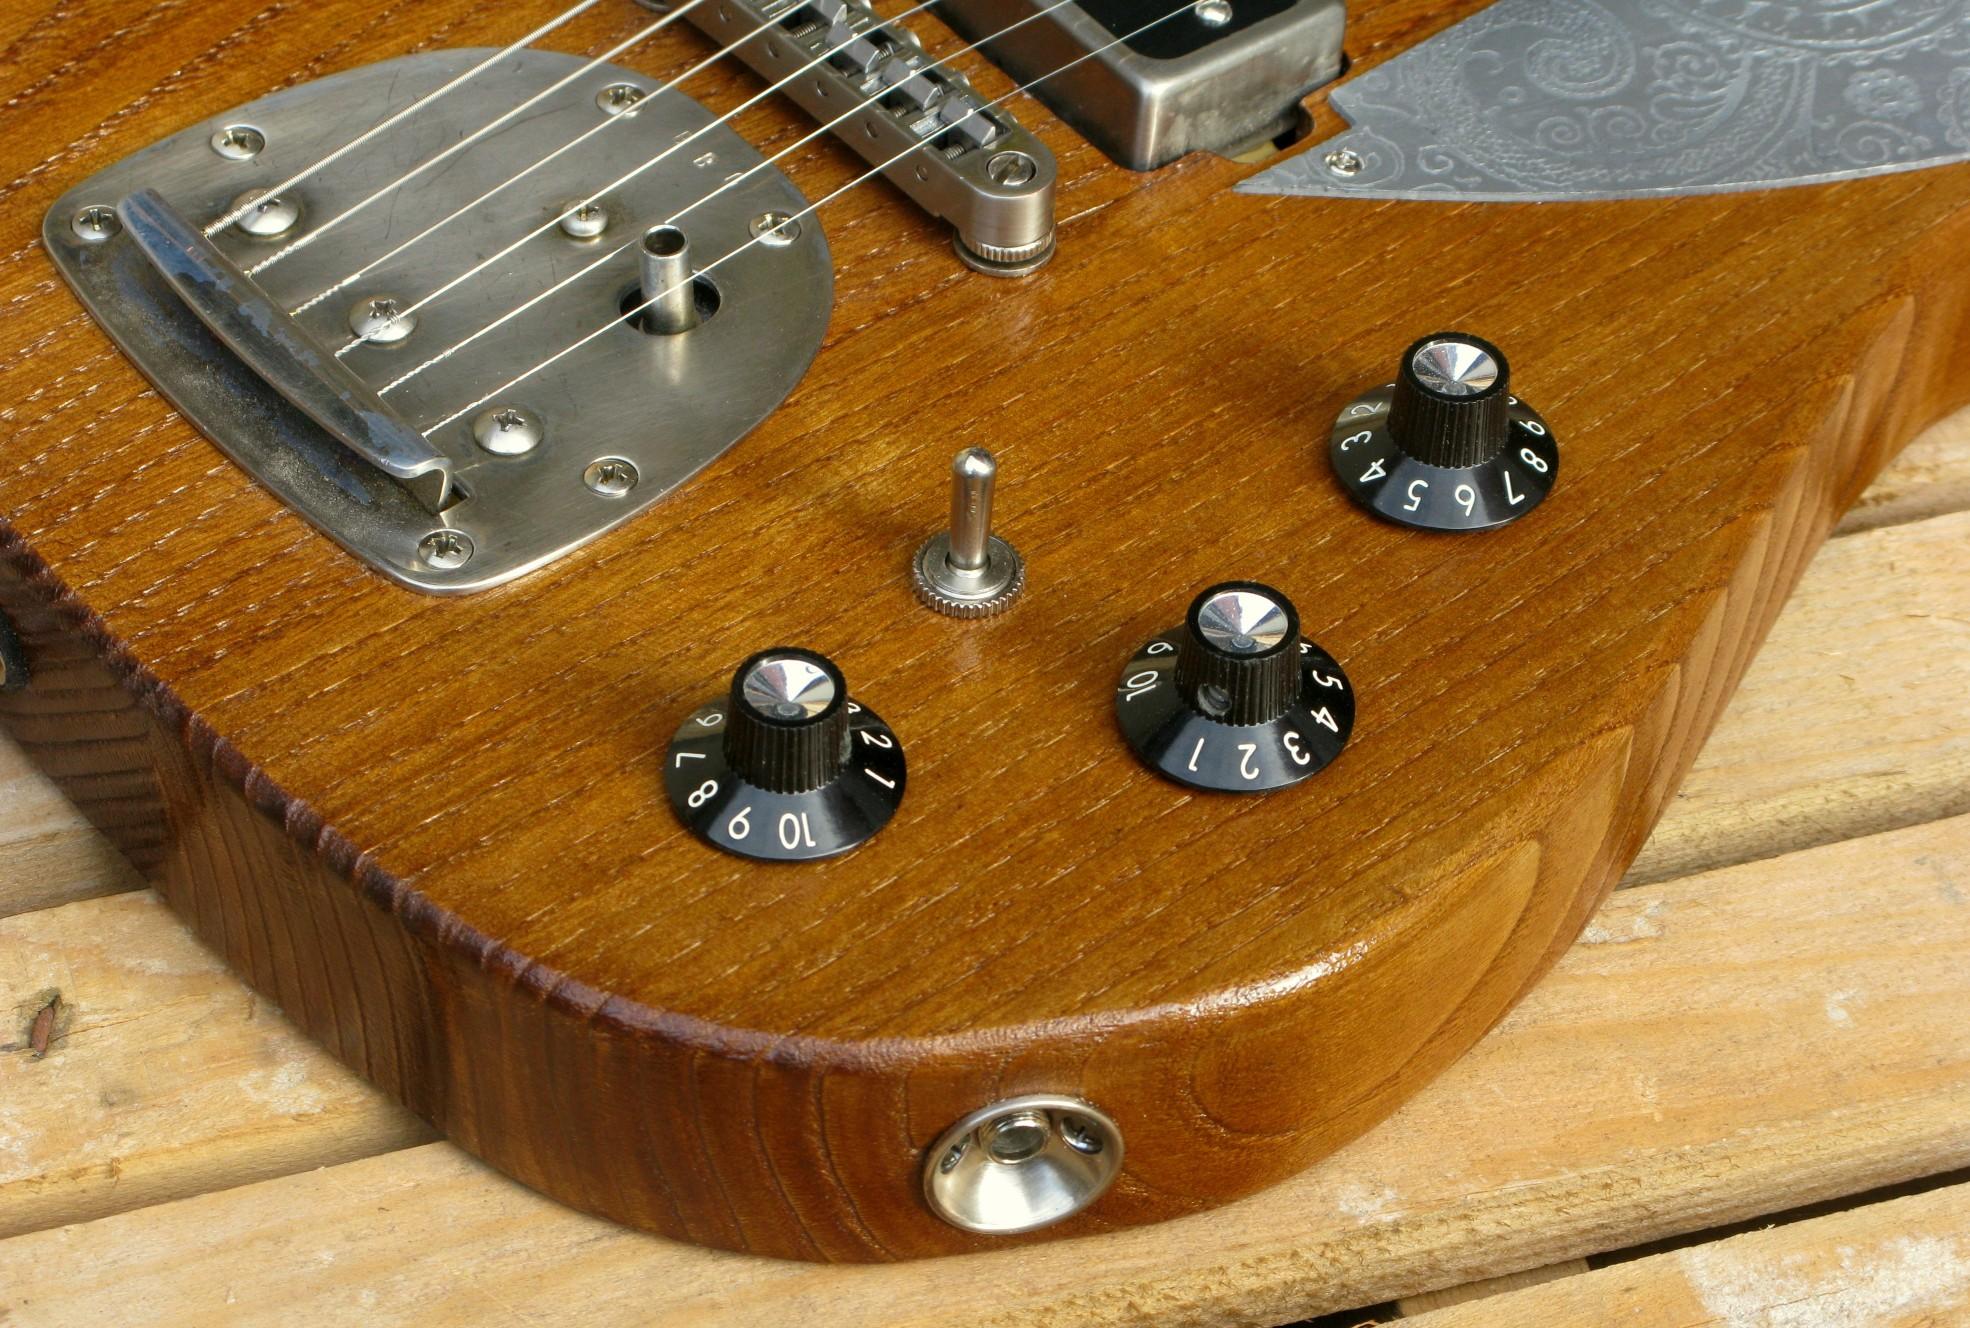 Dettaglio del body di una chitarra Telecaster in castagno